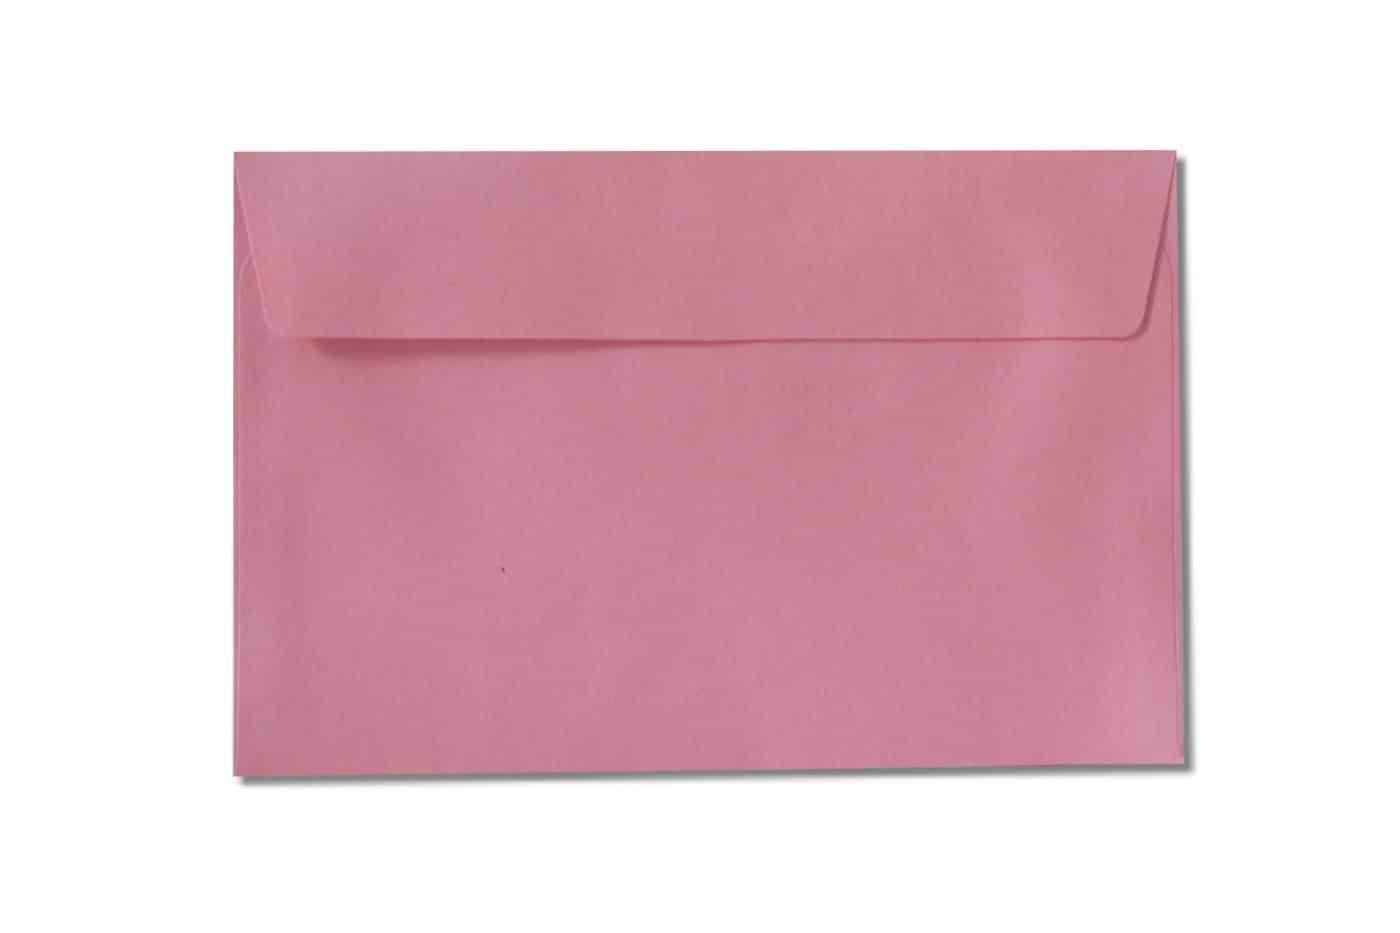 c6 c5 pink envelopes 110gsm